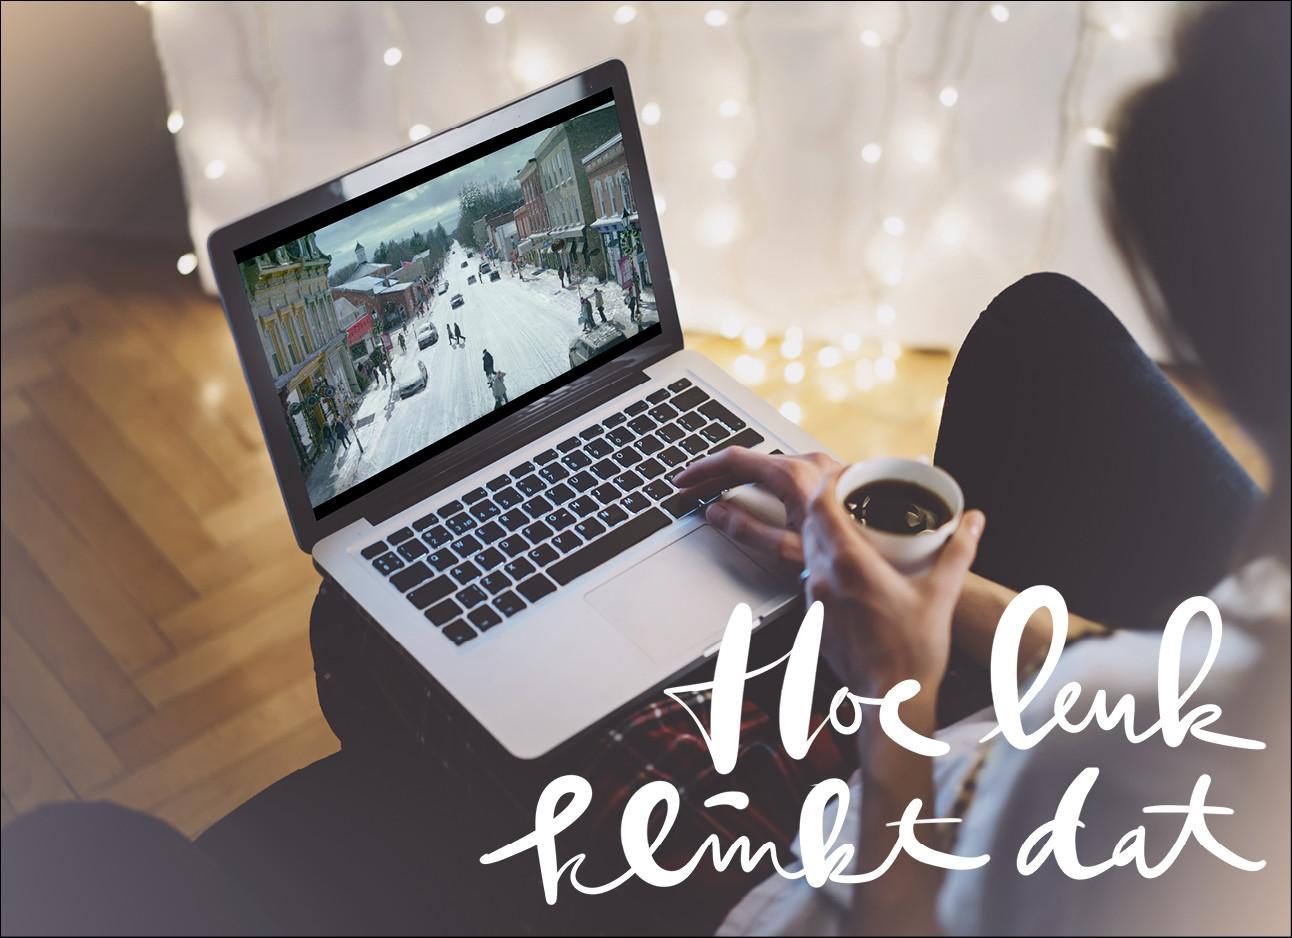 laptop met netfix en gezellige lichtjes op de achtergrond